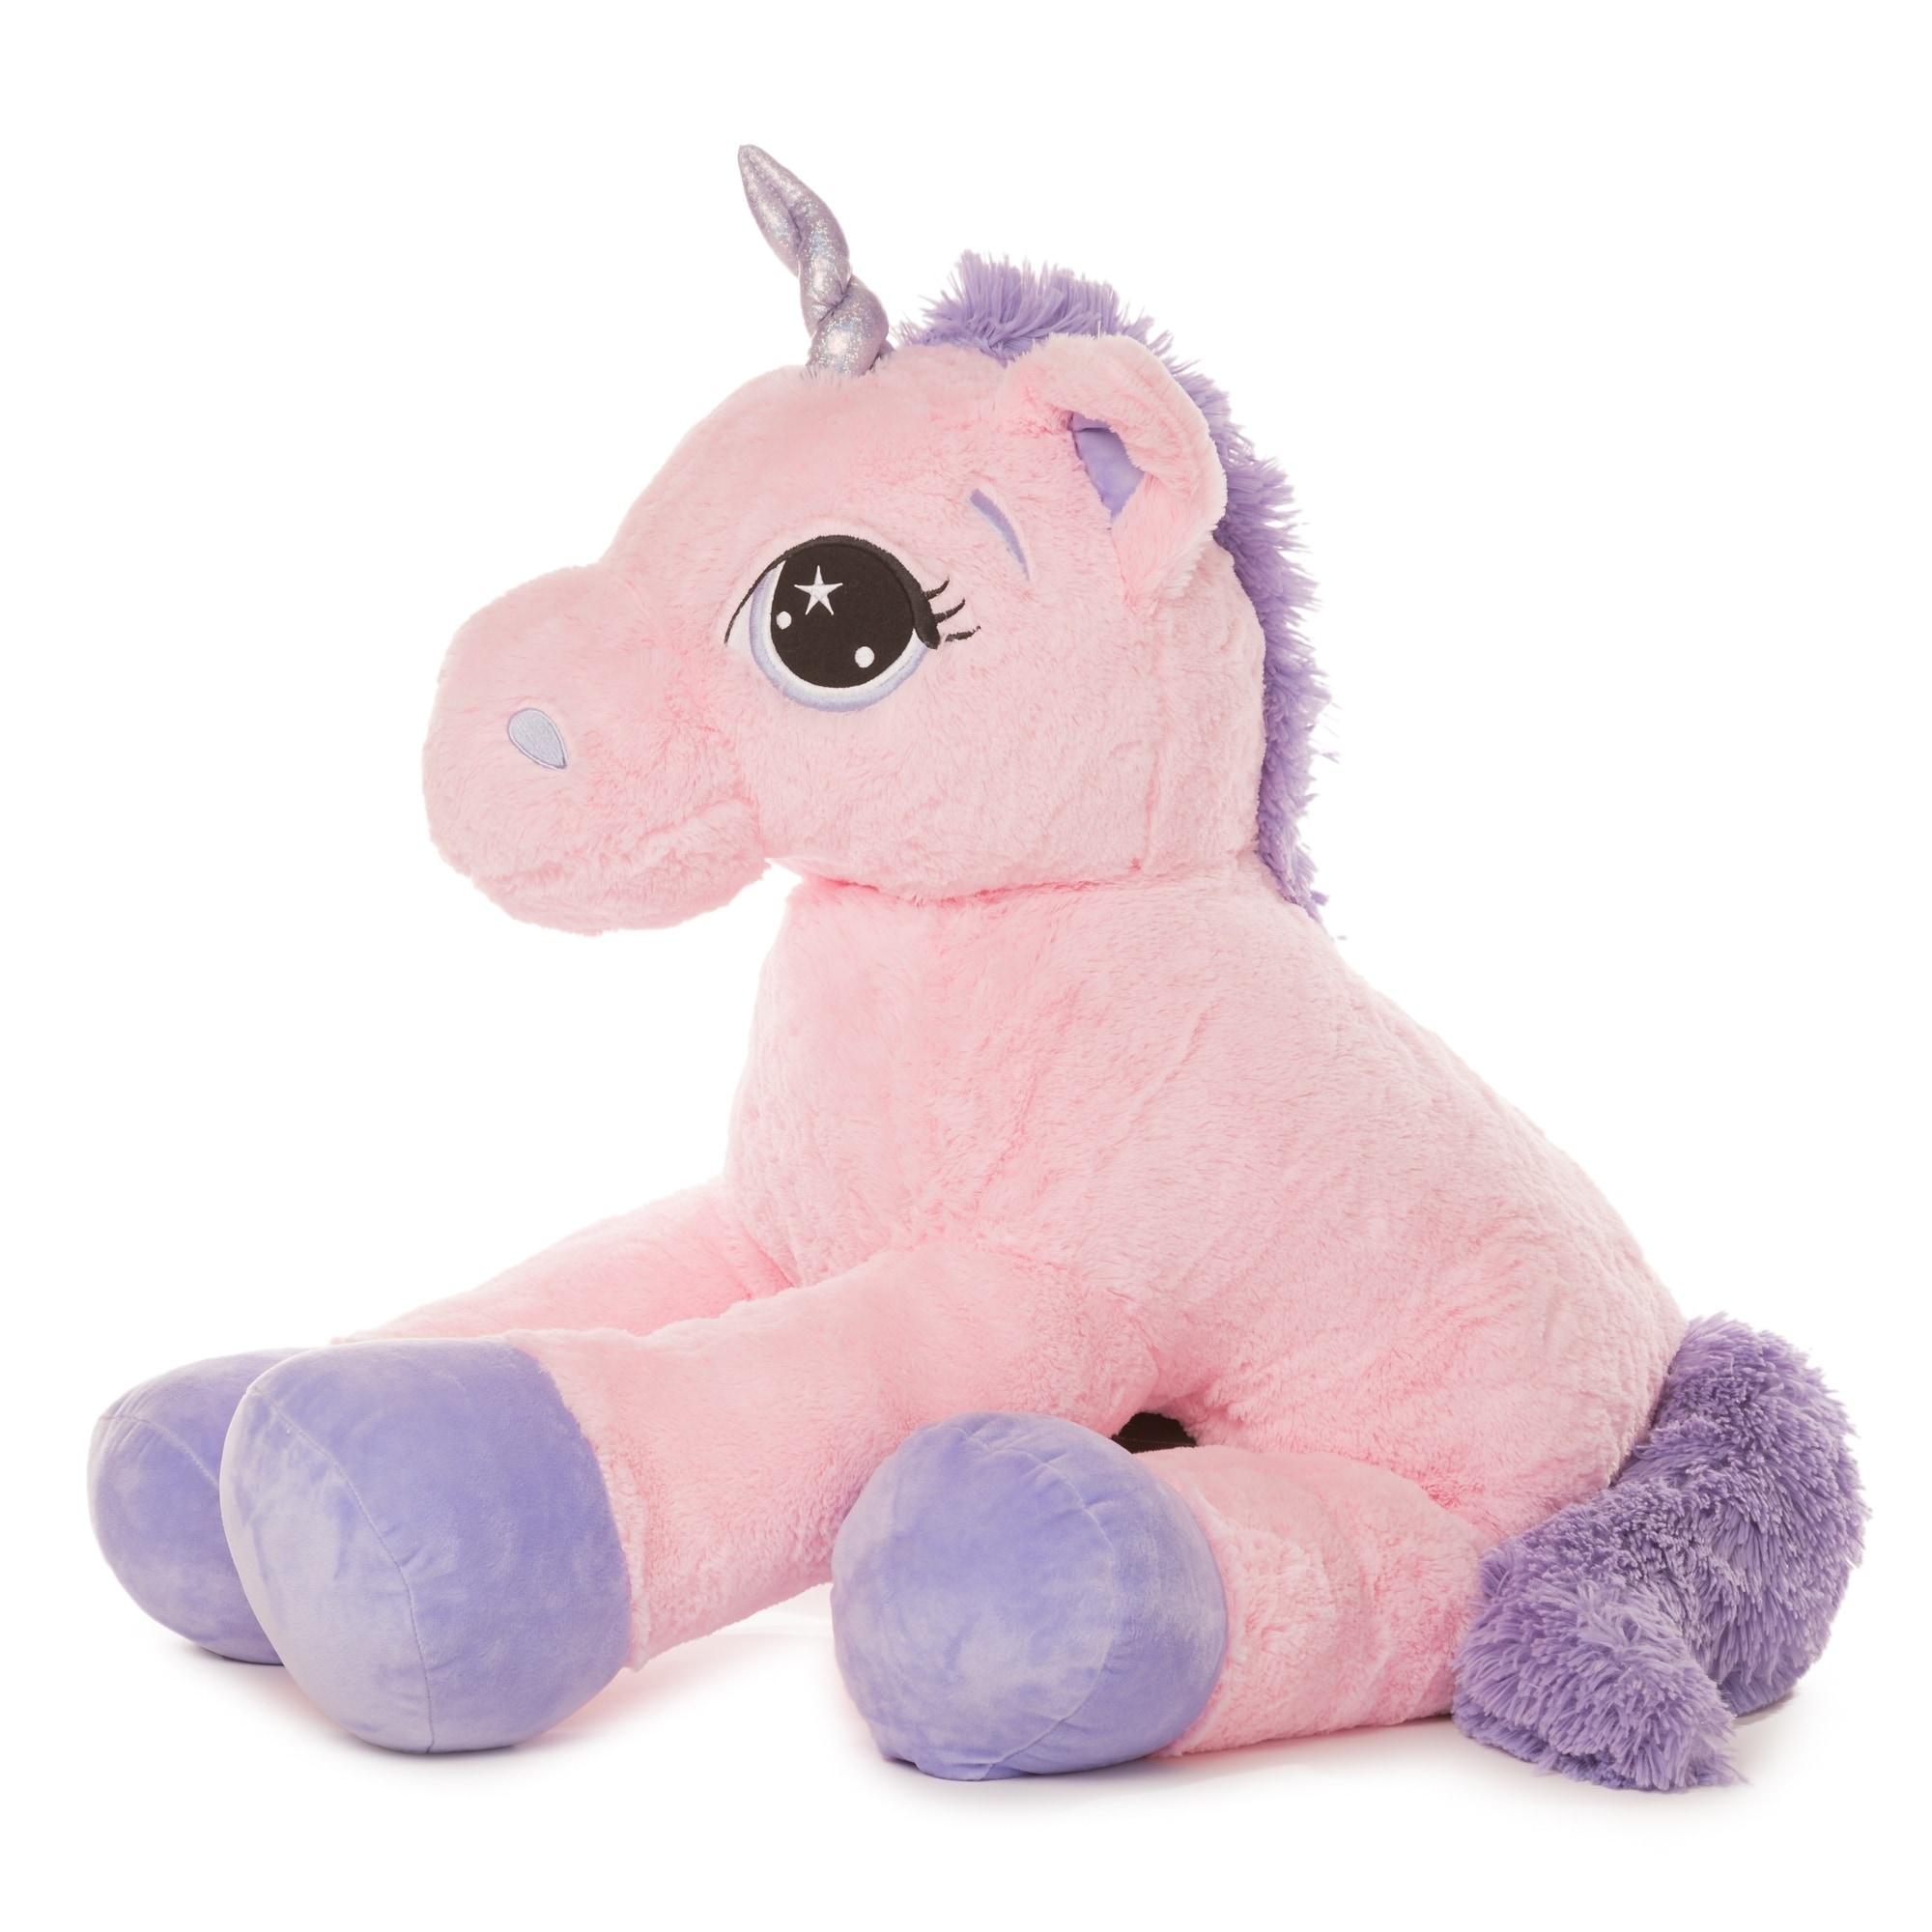 Shop Best Made Toys Jumbo Unicorn Giant Plush Animal Over 4 Feet